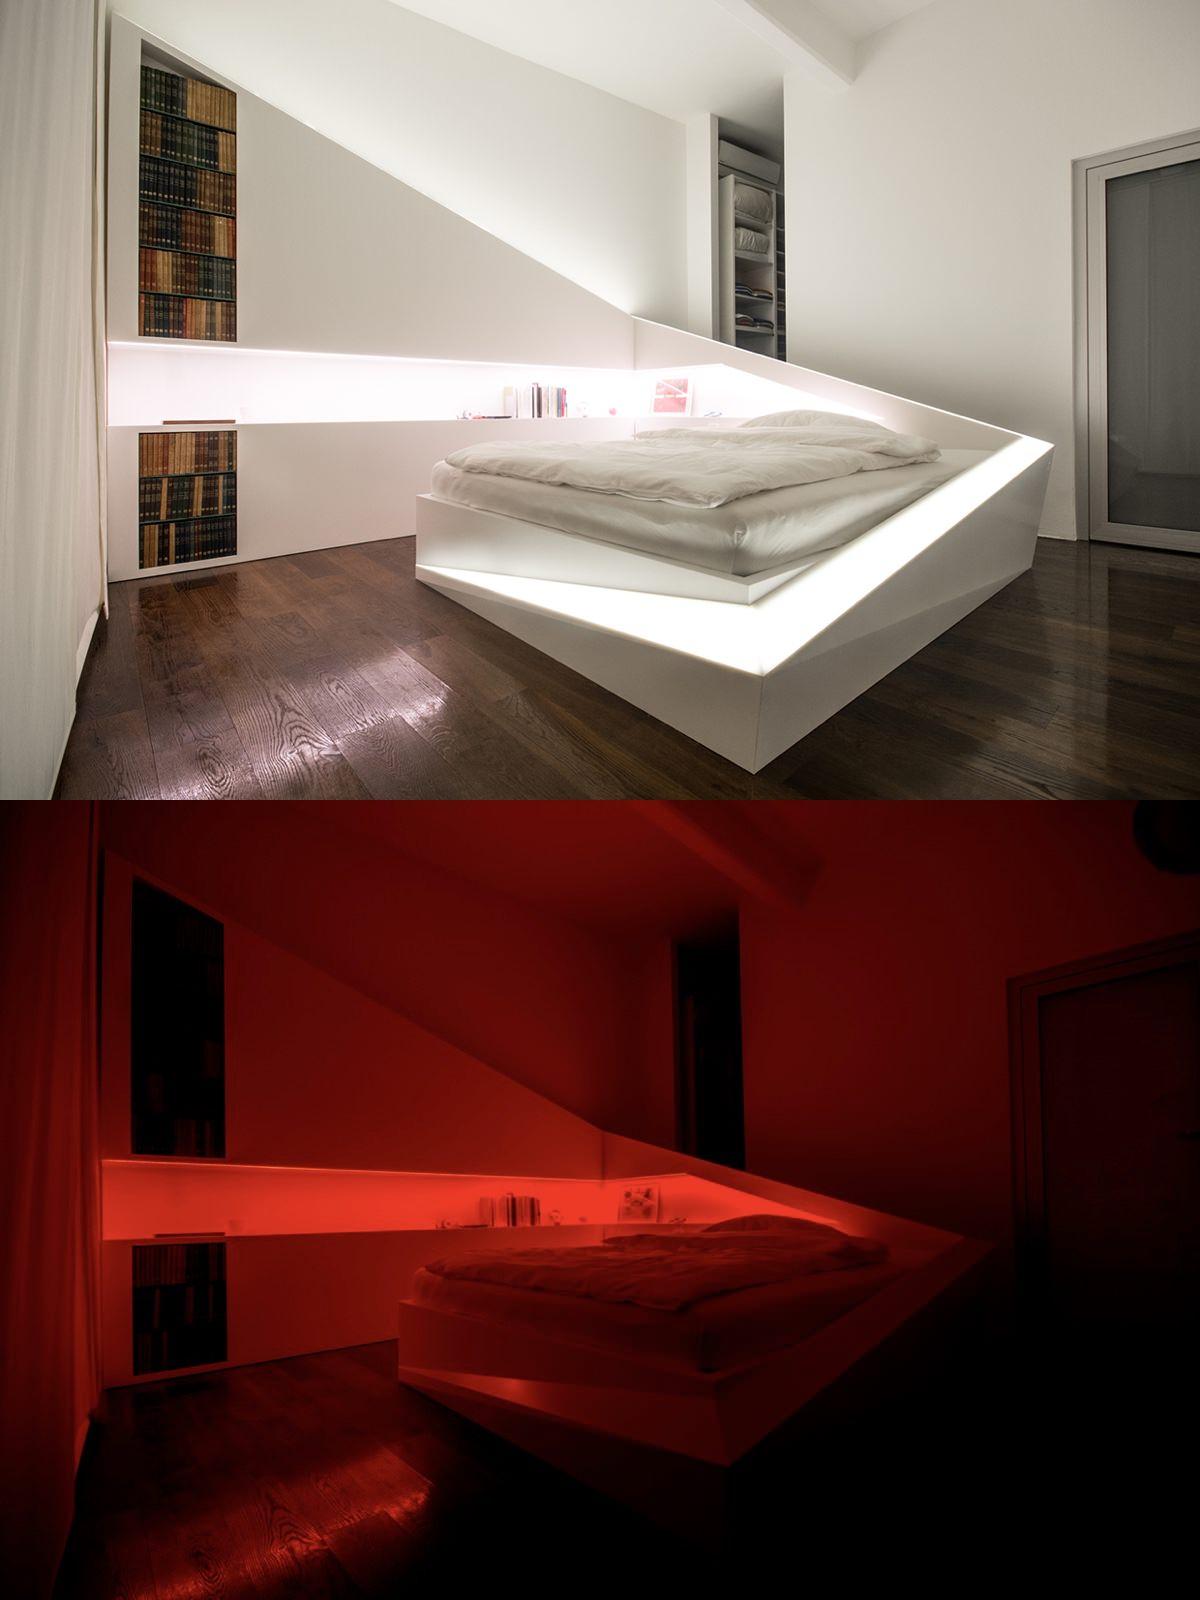 vdahnovqvashti-idei-za-moderno-osvetlenie-v-spalnqta-2-1G